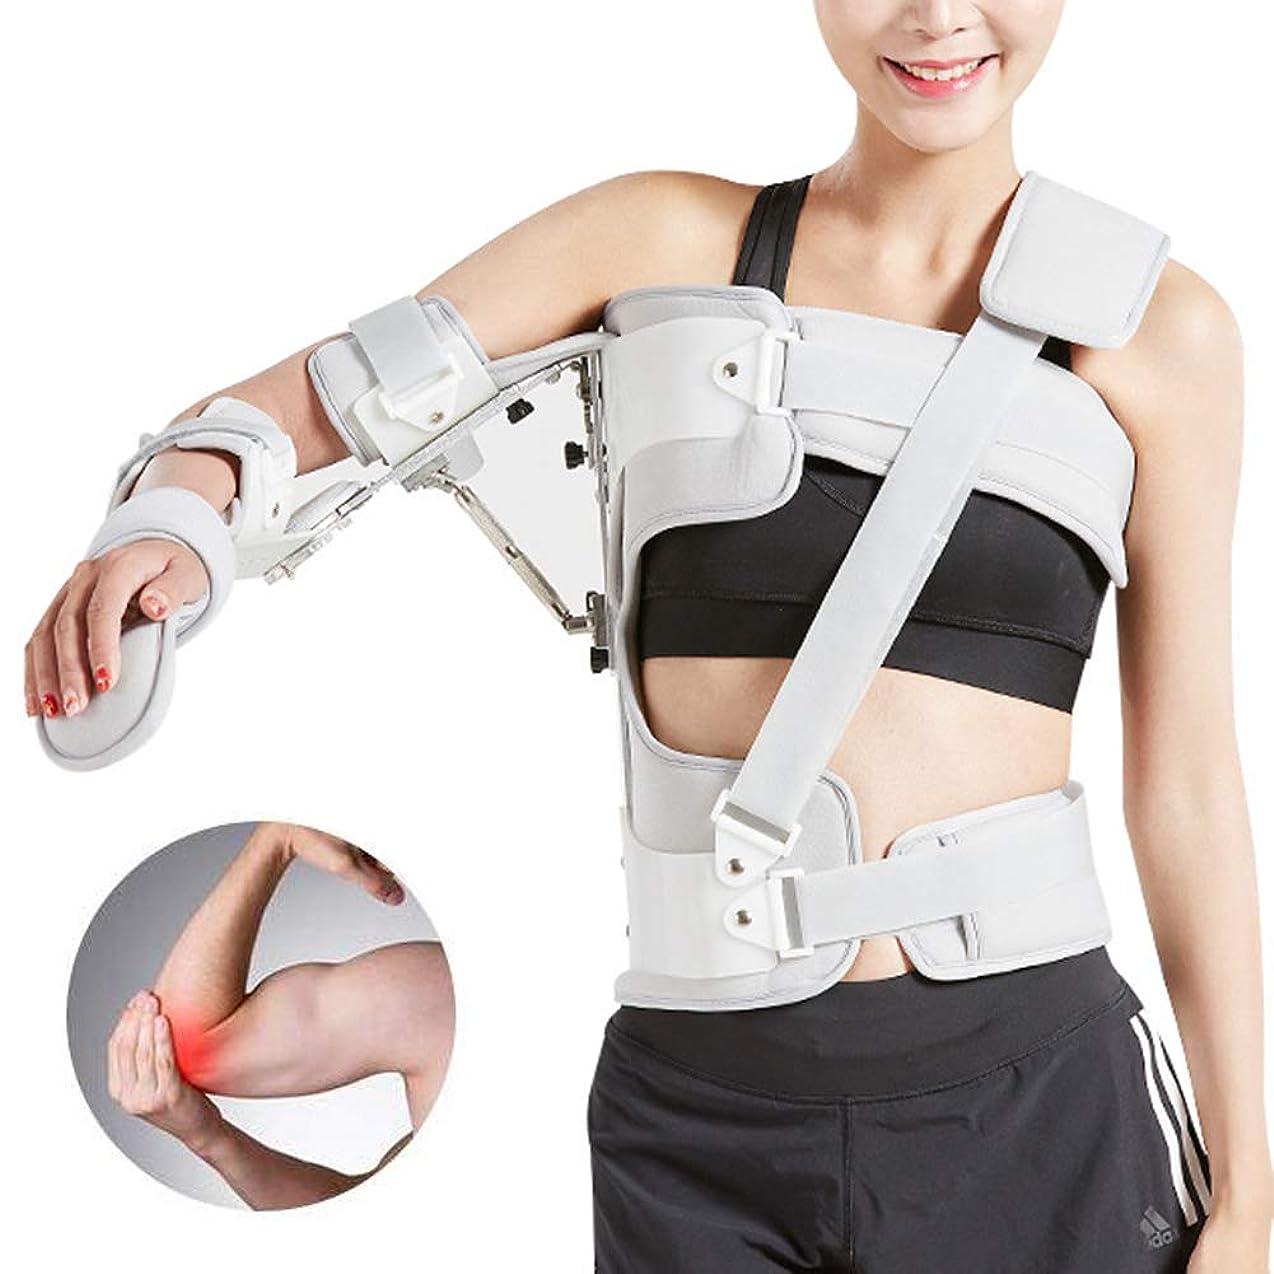 不愉快意見こしょう調節可能なアームスリング外転枕骨折肘サポートブレース、傷害回復アーム固定、転位回旋腱板滑液包炎腱炎、ワンサイズ - ユニセックス